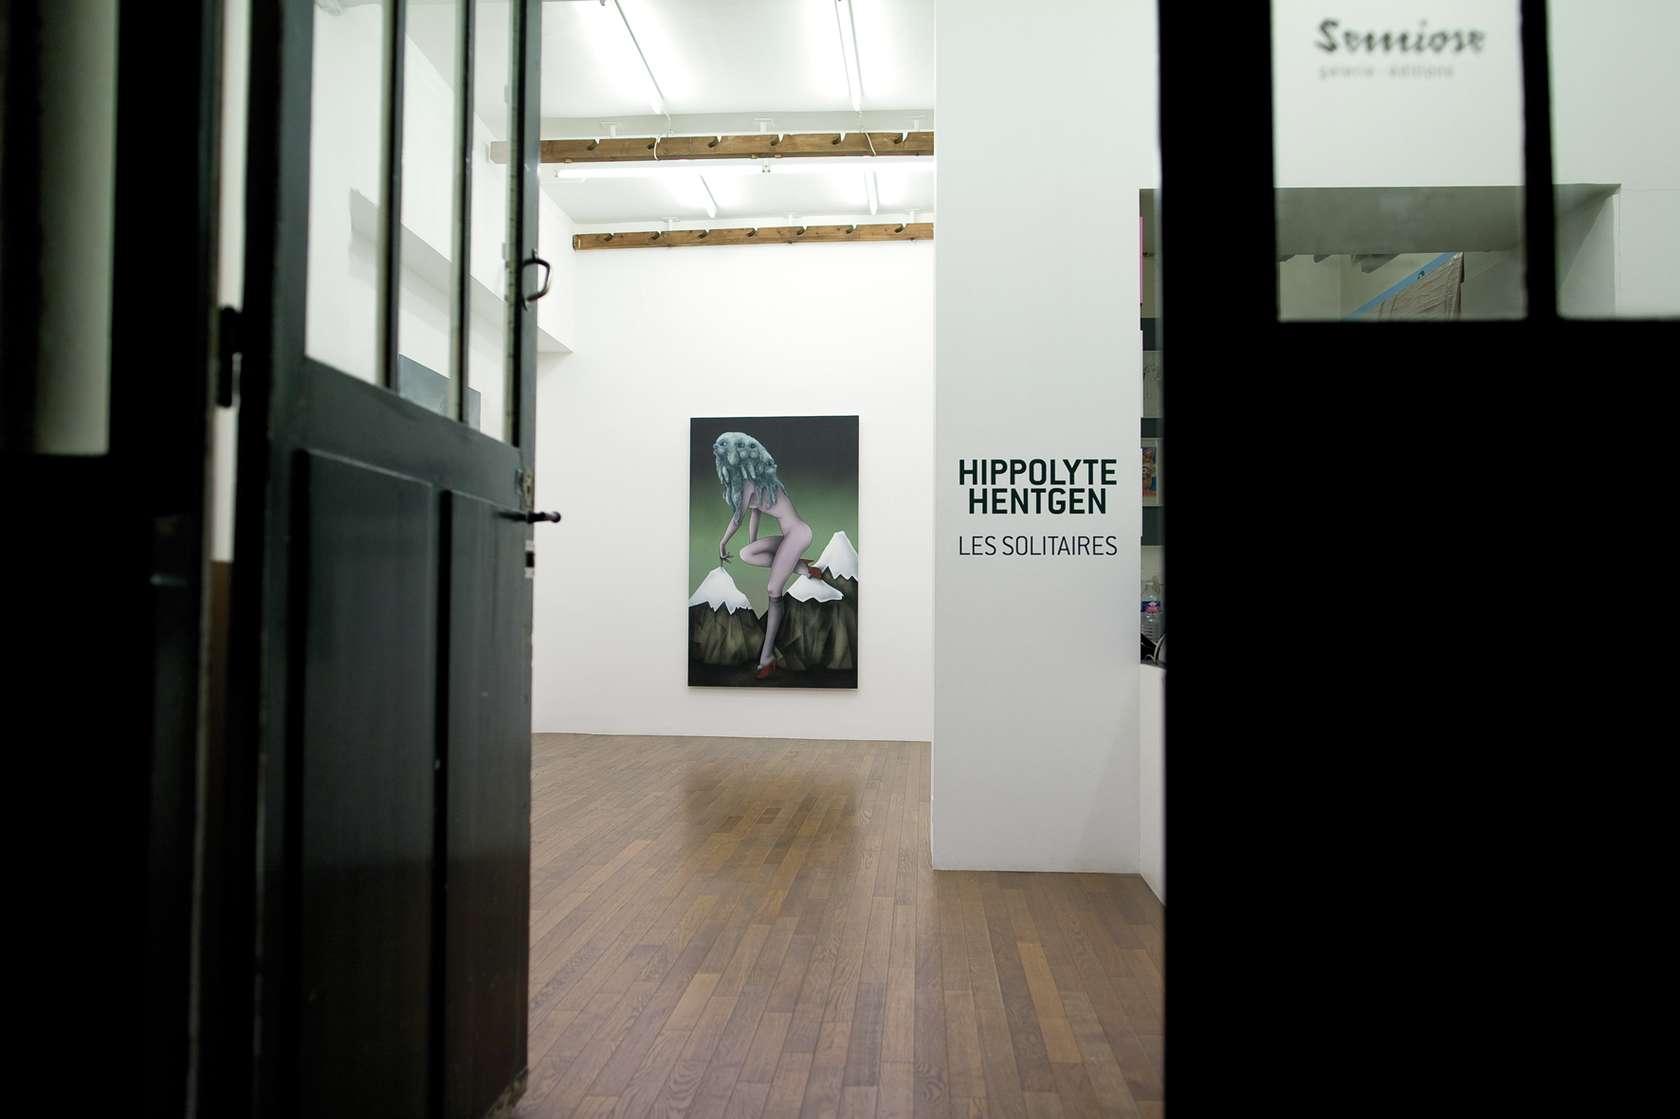 Hippolyte Hentgen Les solitaires Semiose 3 septembre  — 23 octobre 2010